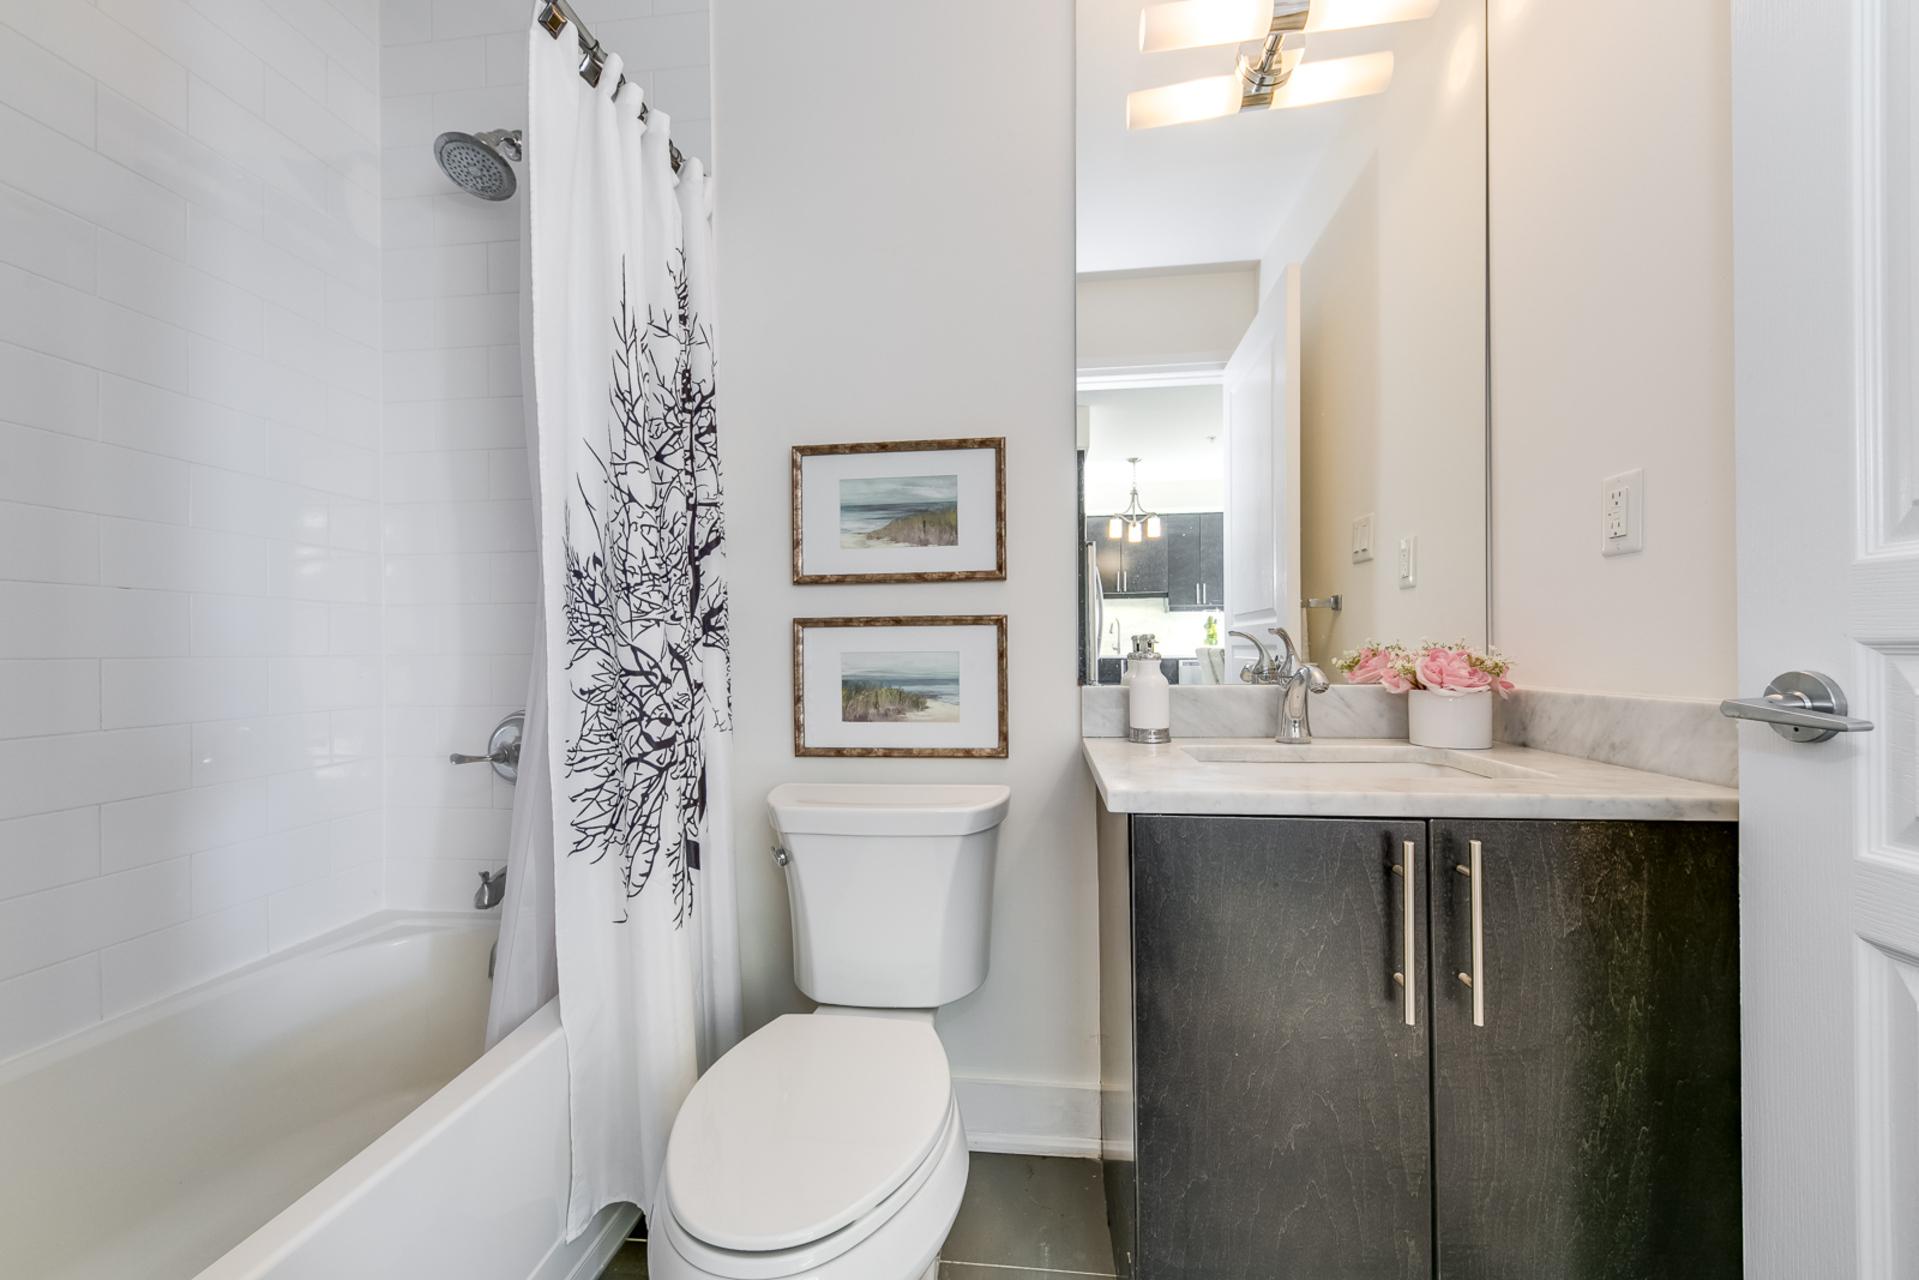 Bathroom - 411 - 128 Garden Dr, Oakville - Elite3 & Team at 411 - 128 Garden Drive, Old Oakville, Oakville